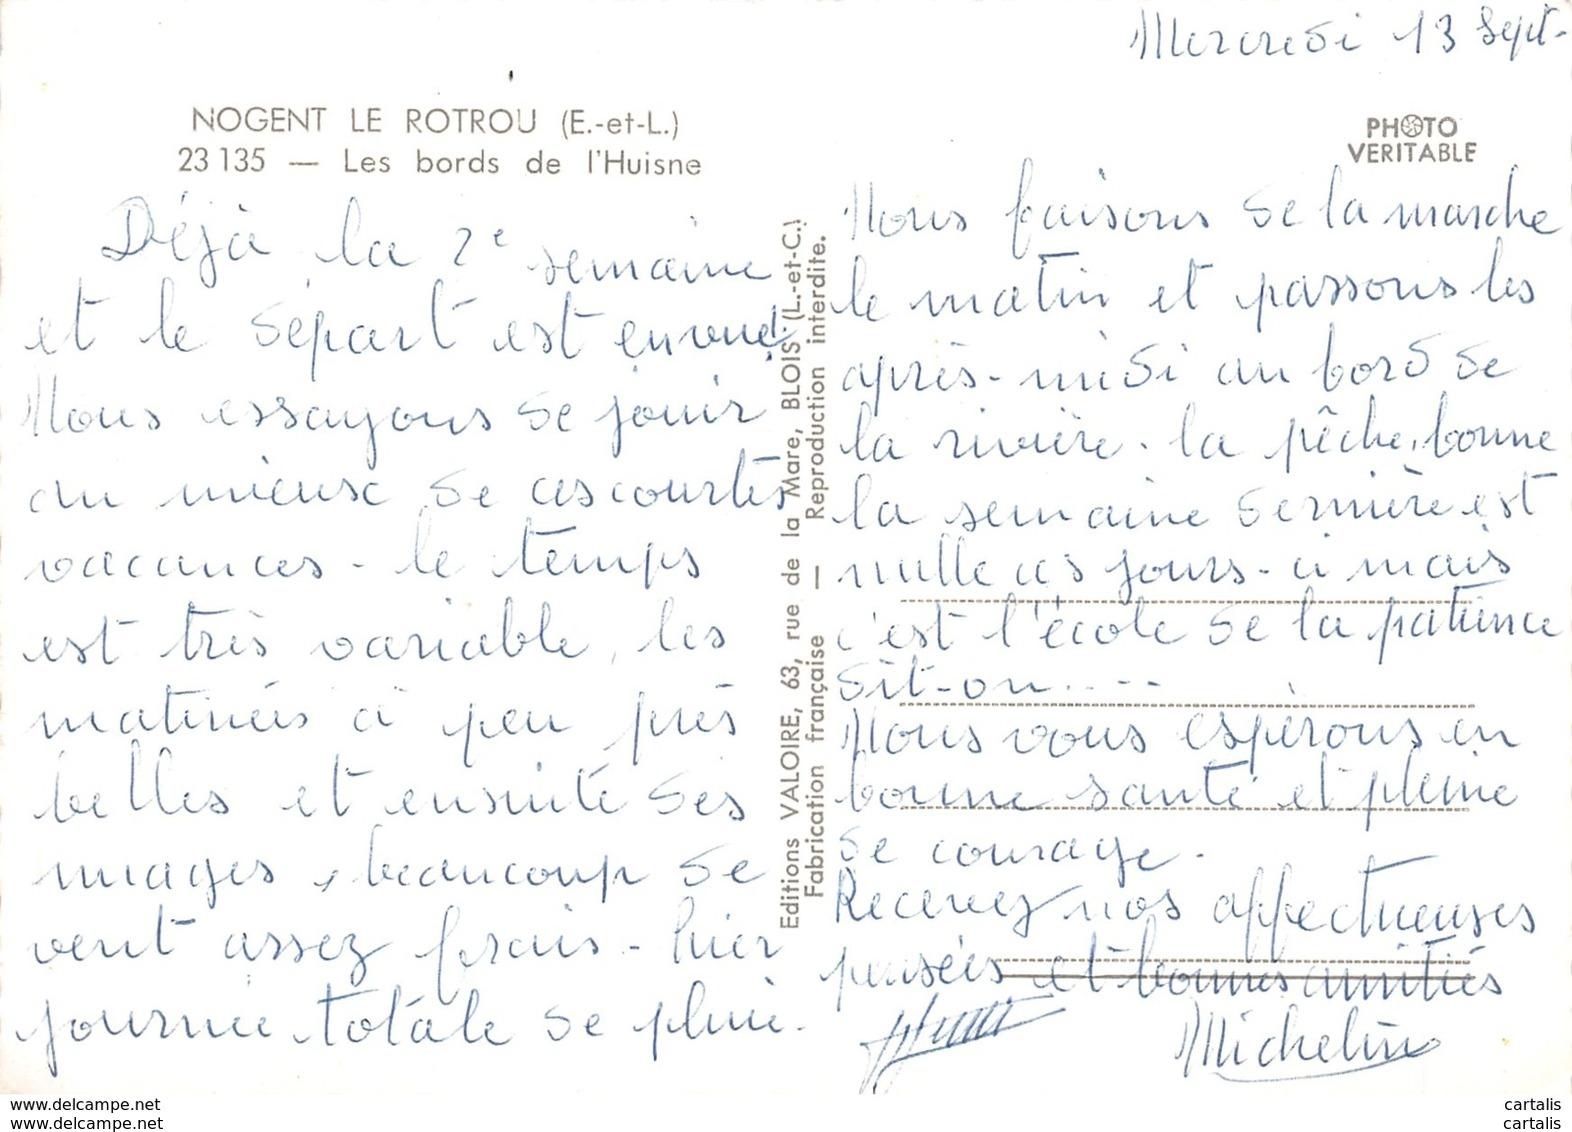 28-NOGENT LE ROTROU-N°C-3660-C/0129 - Nogent Le Rotrou